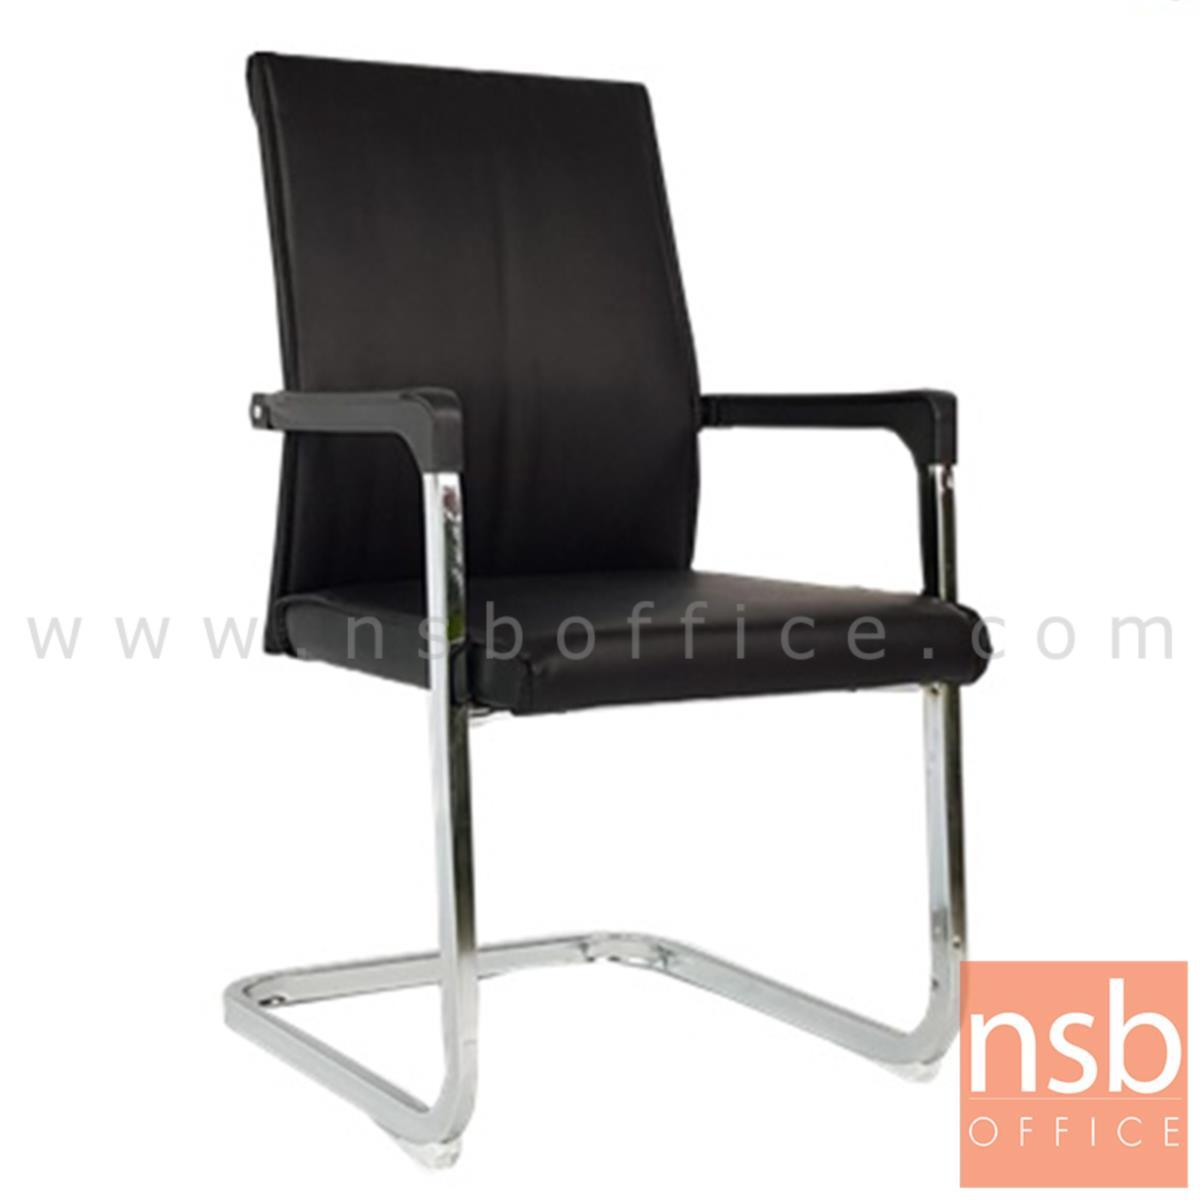 B04A193:เก้าอี้รับแขกขาตัวซี รุ่น Moonlight (มูนไลท์)  ขาเหล็กชุบโครเมี่ยม